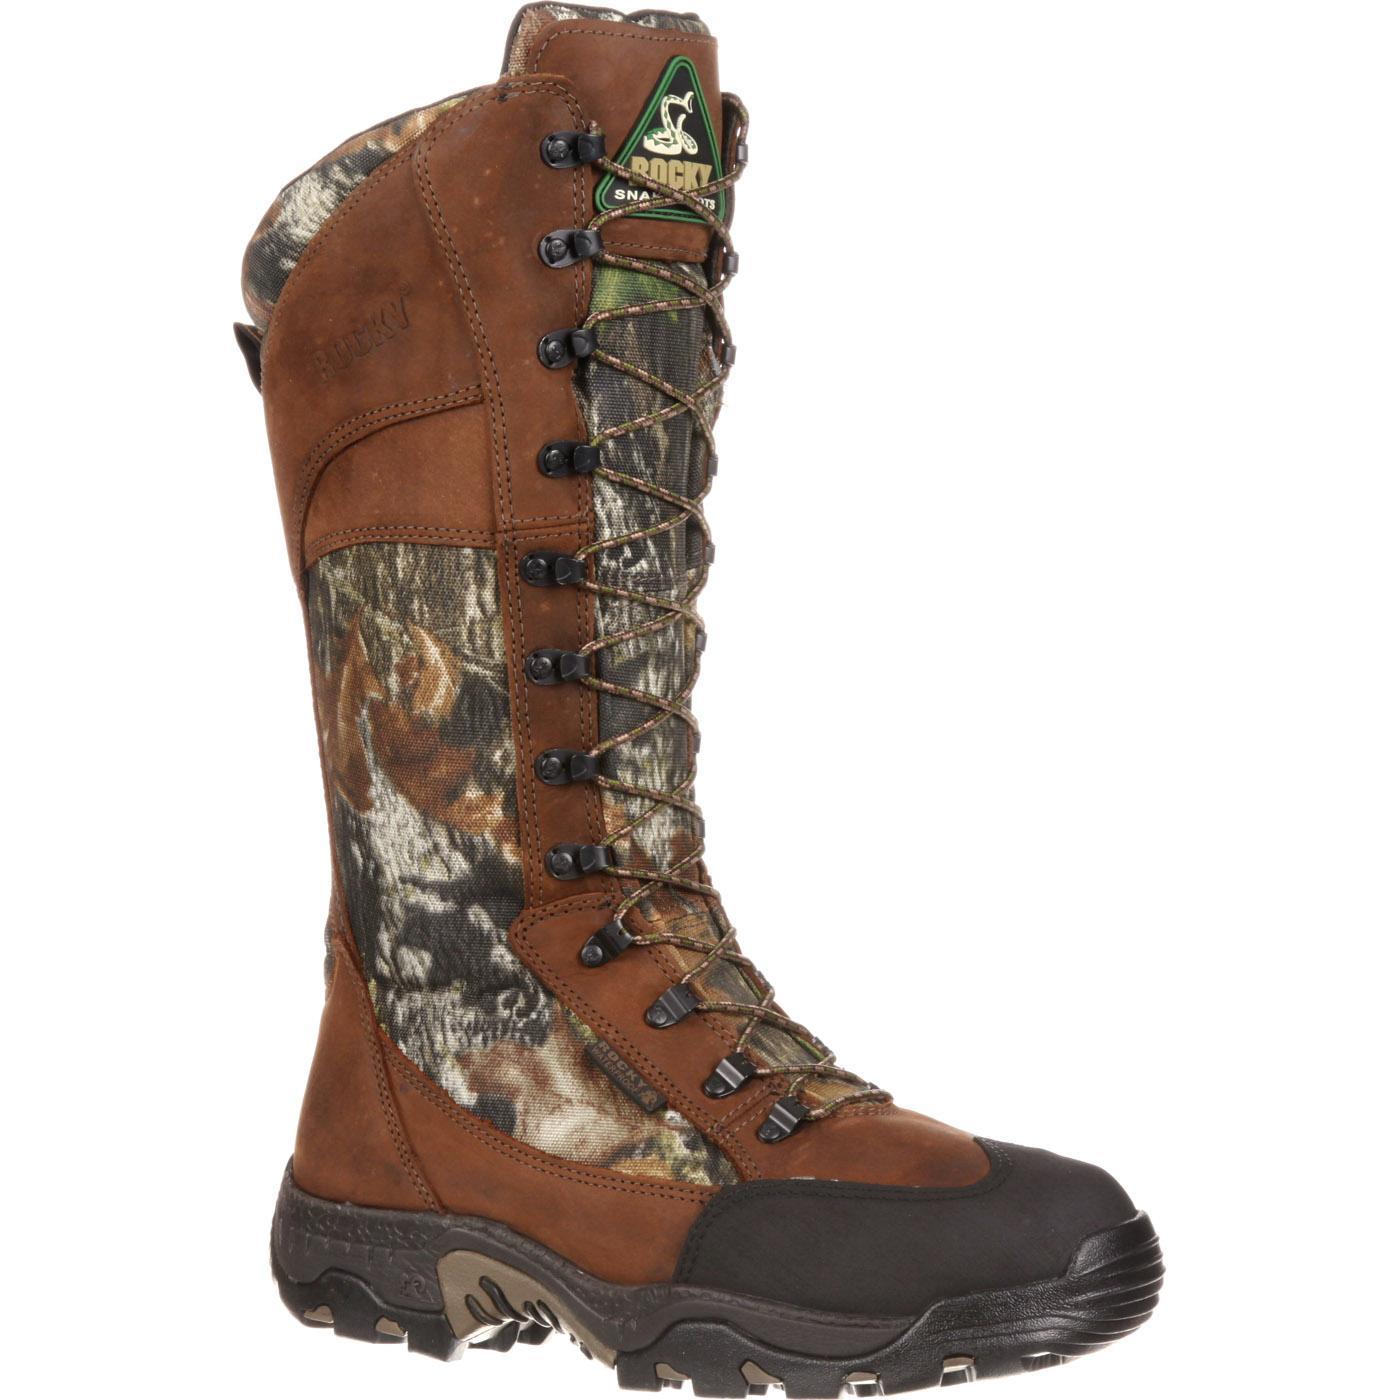 waterproof side zip snake boot rocky classic lynx fq0007534